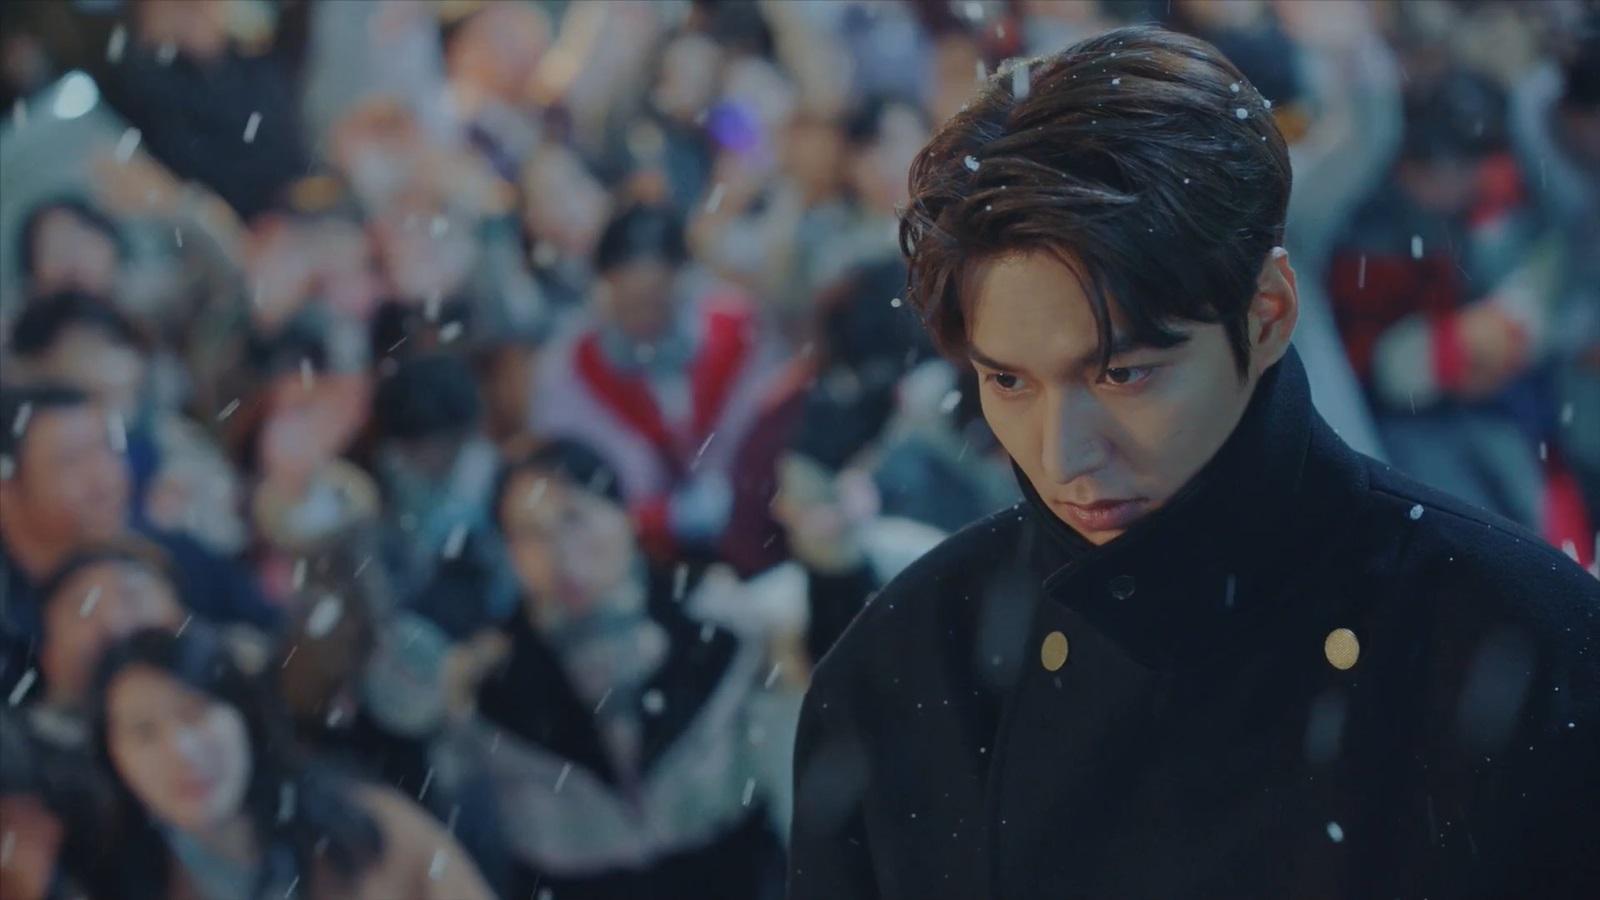 雷]《The King:永远的君主》李敏镐与对手们的名场面[上集] - KSD 韩星网(韩剧)